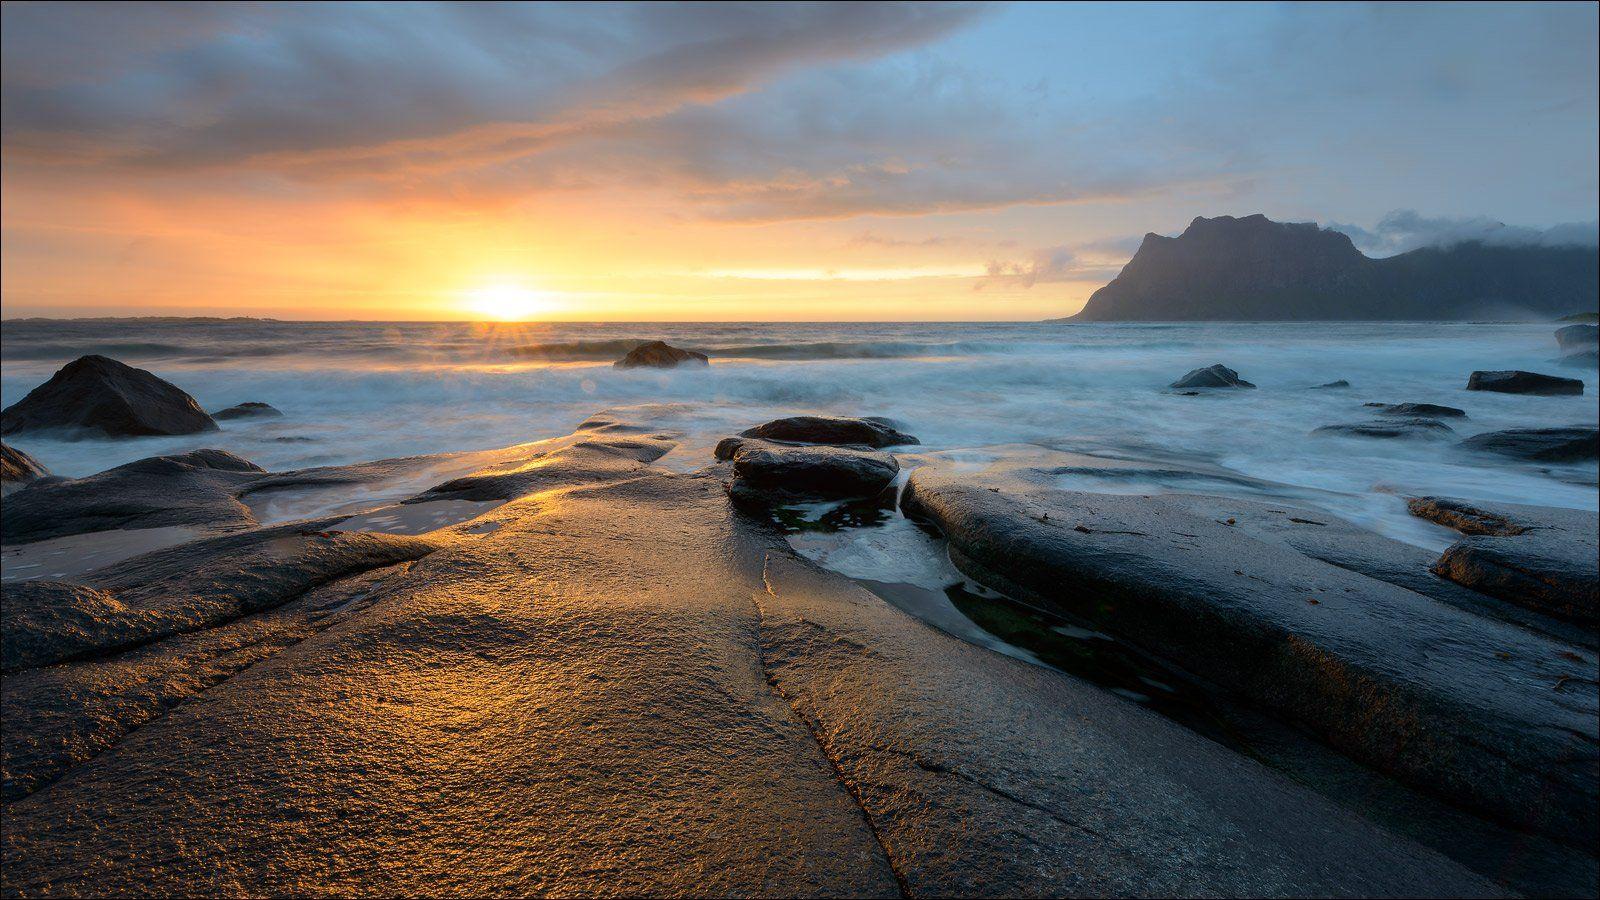 норвегия, лофотены, фьорды, закат, море, побережье, свет на камнях, пляж, uttakleiv, Роман Стативка